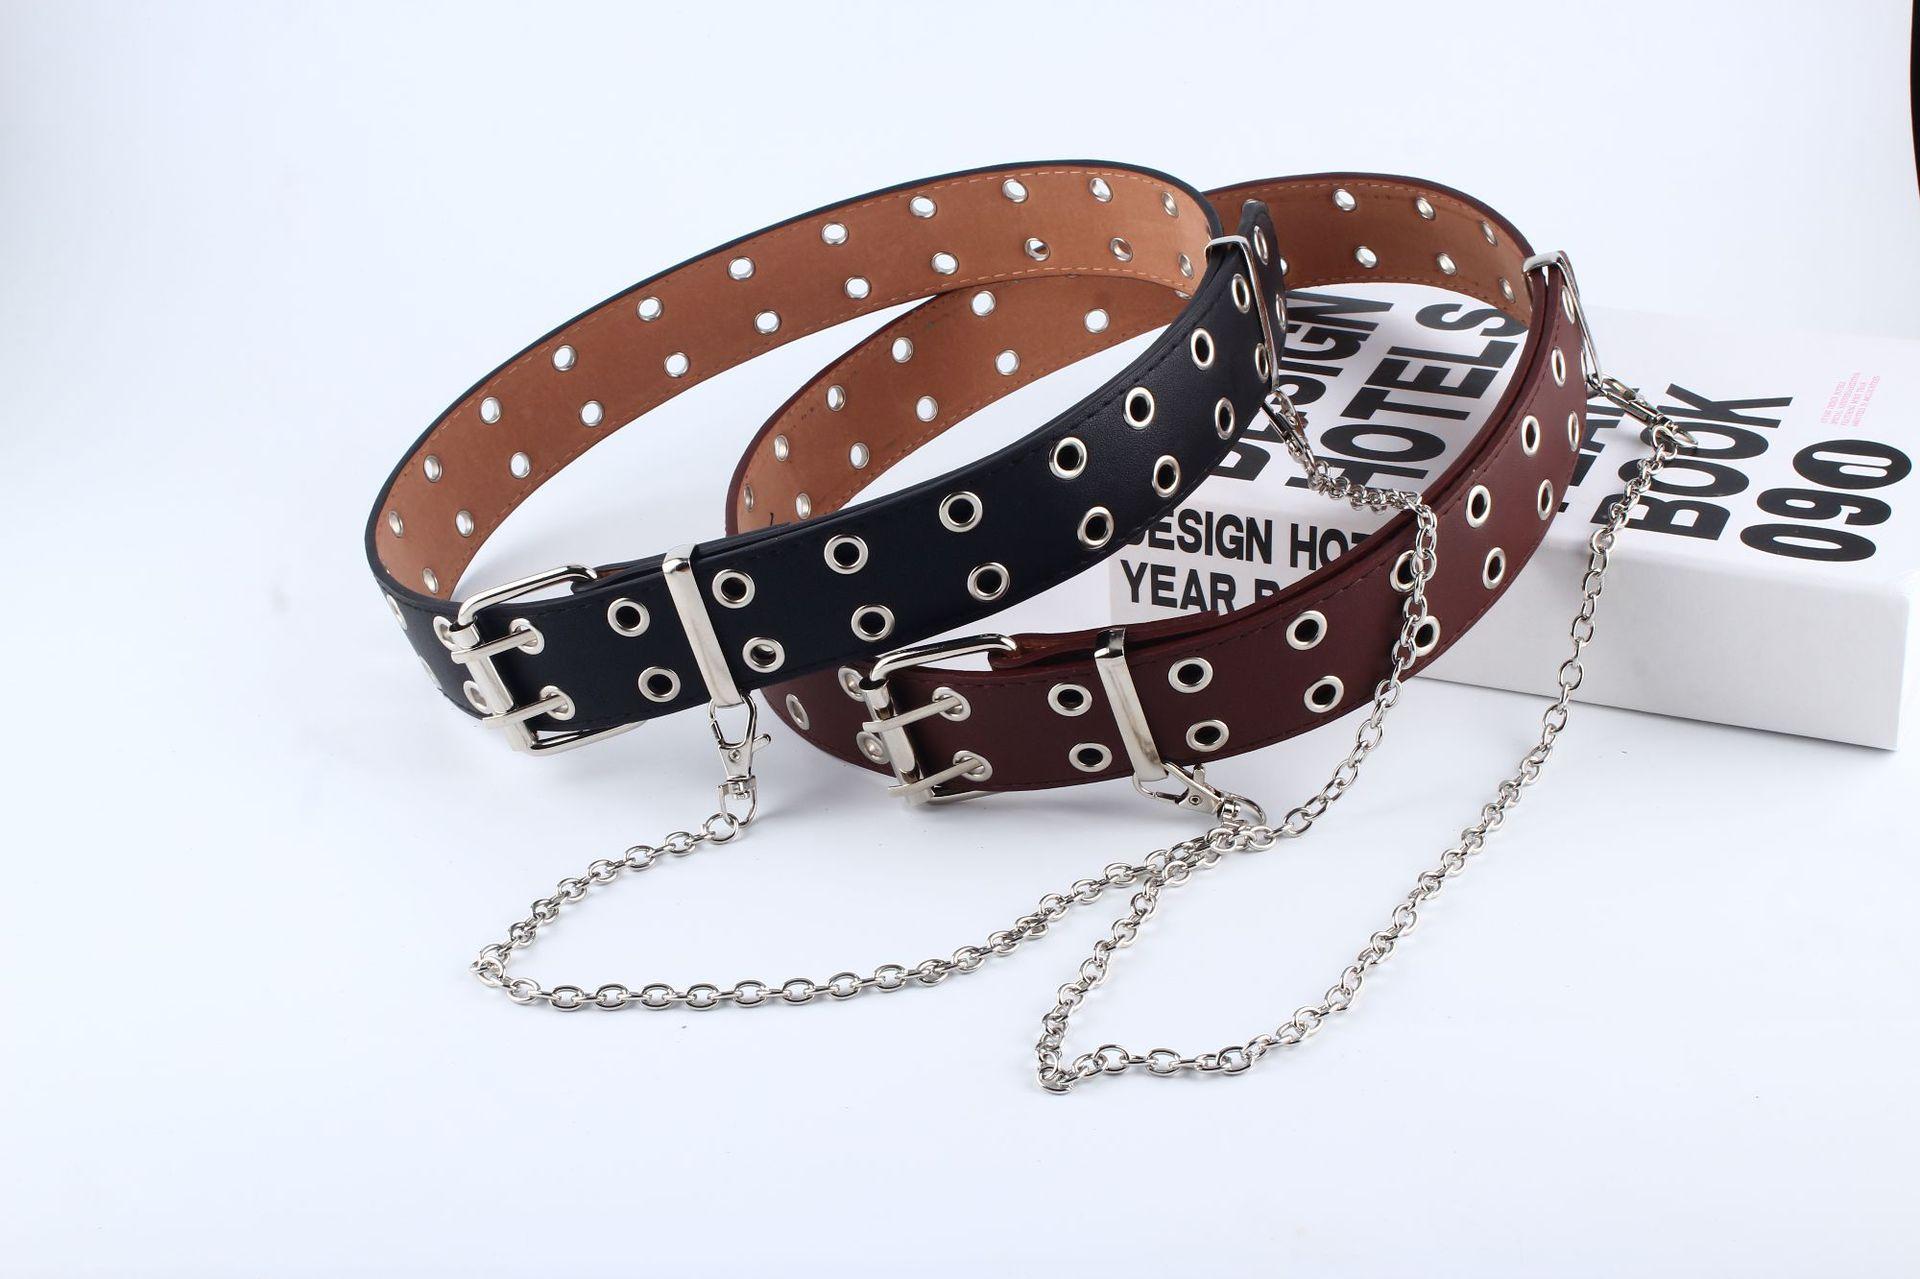 Новейший дизайн, съемный пояс-цепочка на талию, панк, хип-хоп, трендовые женские ремни, женская мода, Серебряная Пряжка, кожаный пояс, джинсы